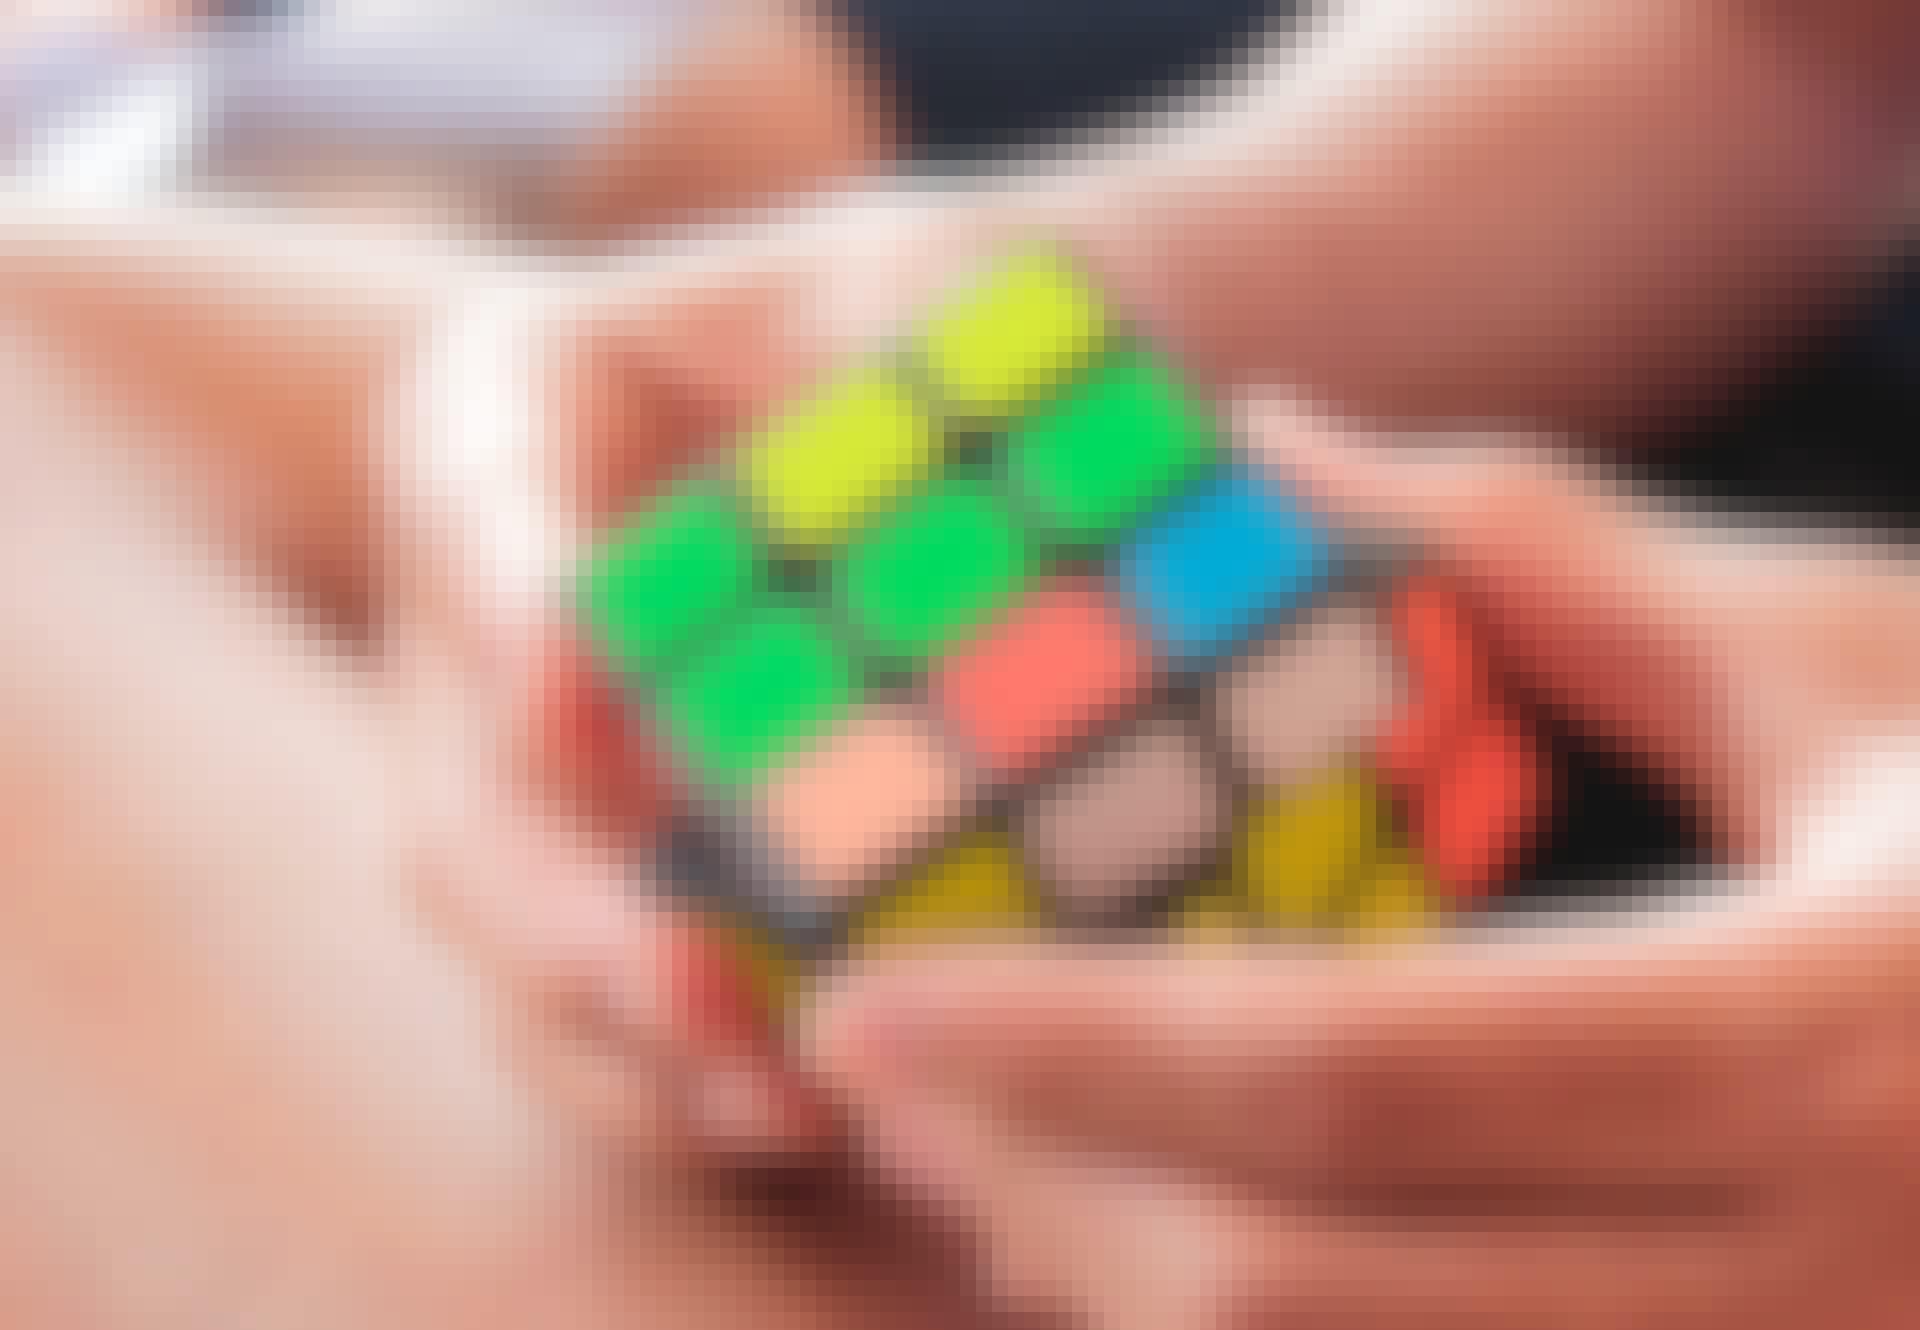 Mann løser Rubiks kube